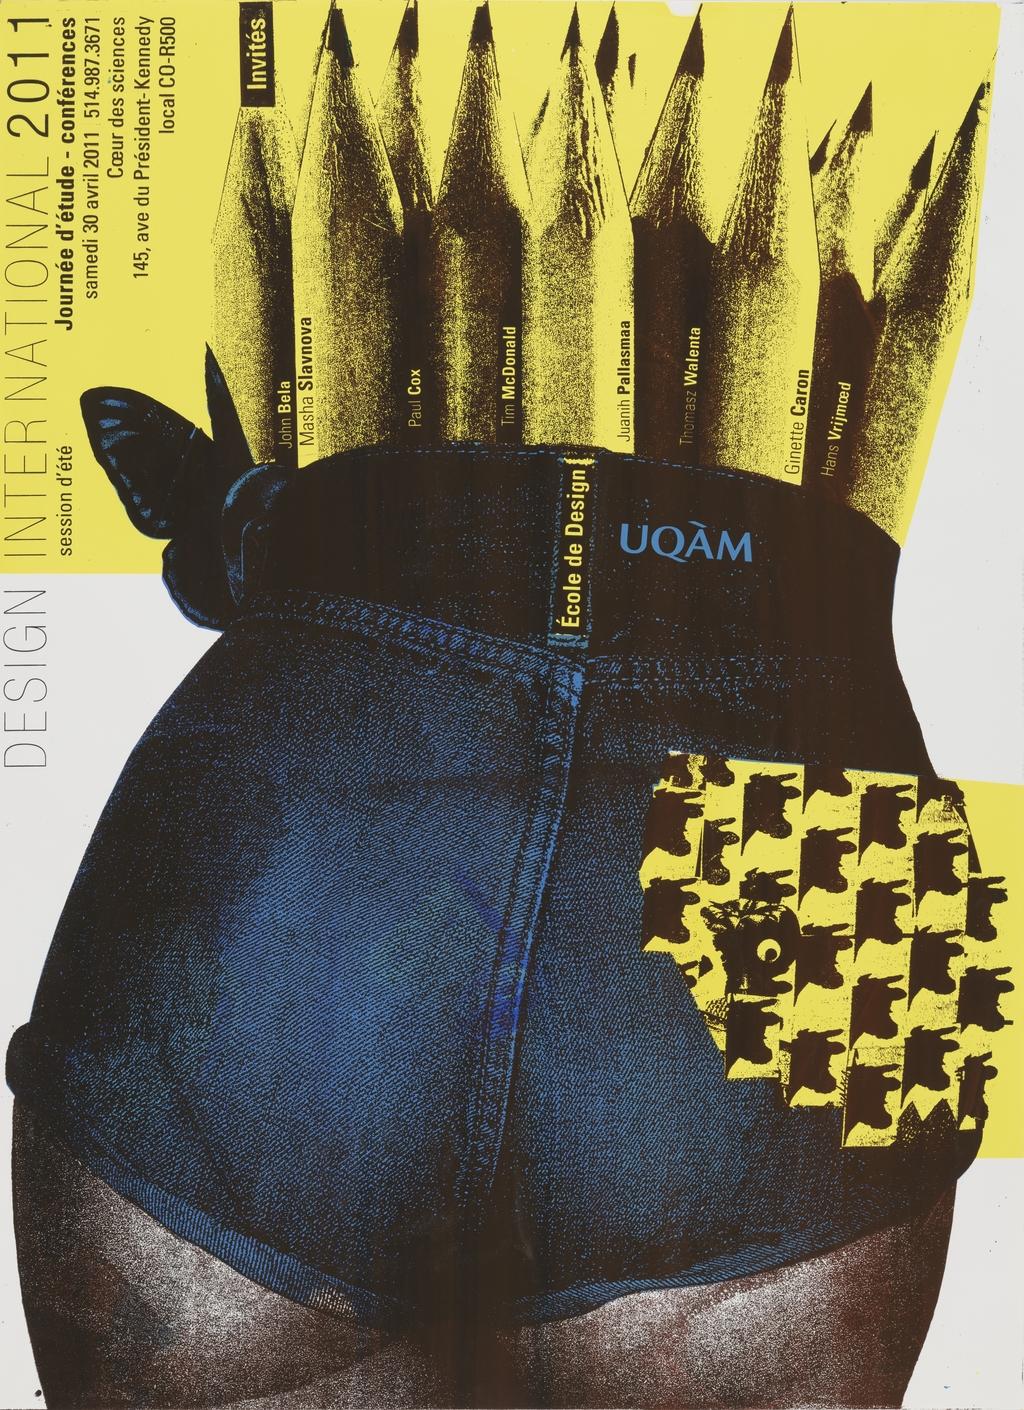 Design international 2011. Journée d'étude - Conférences